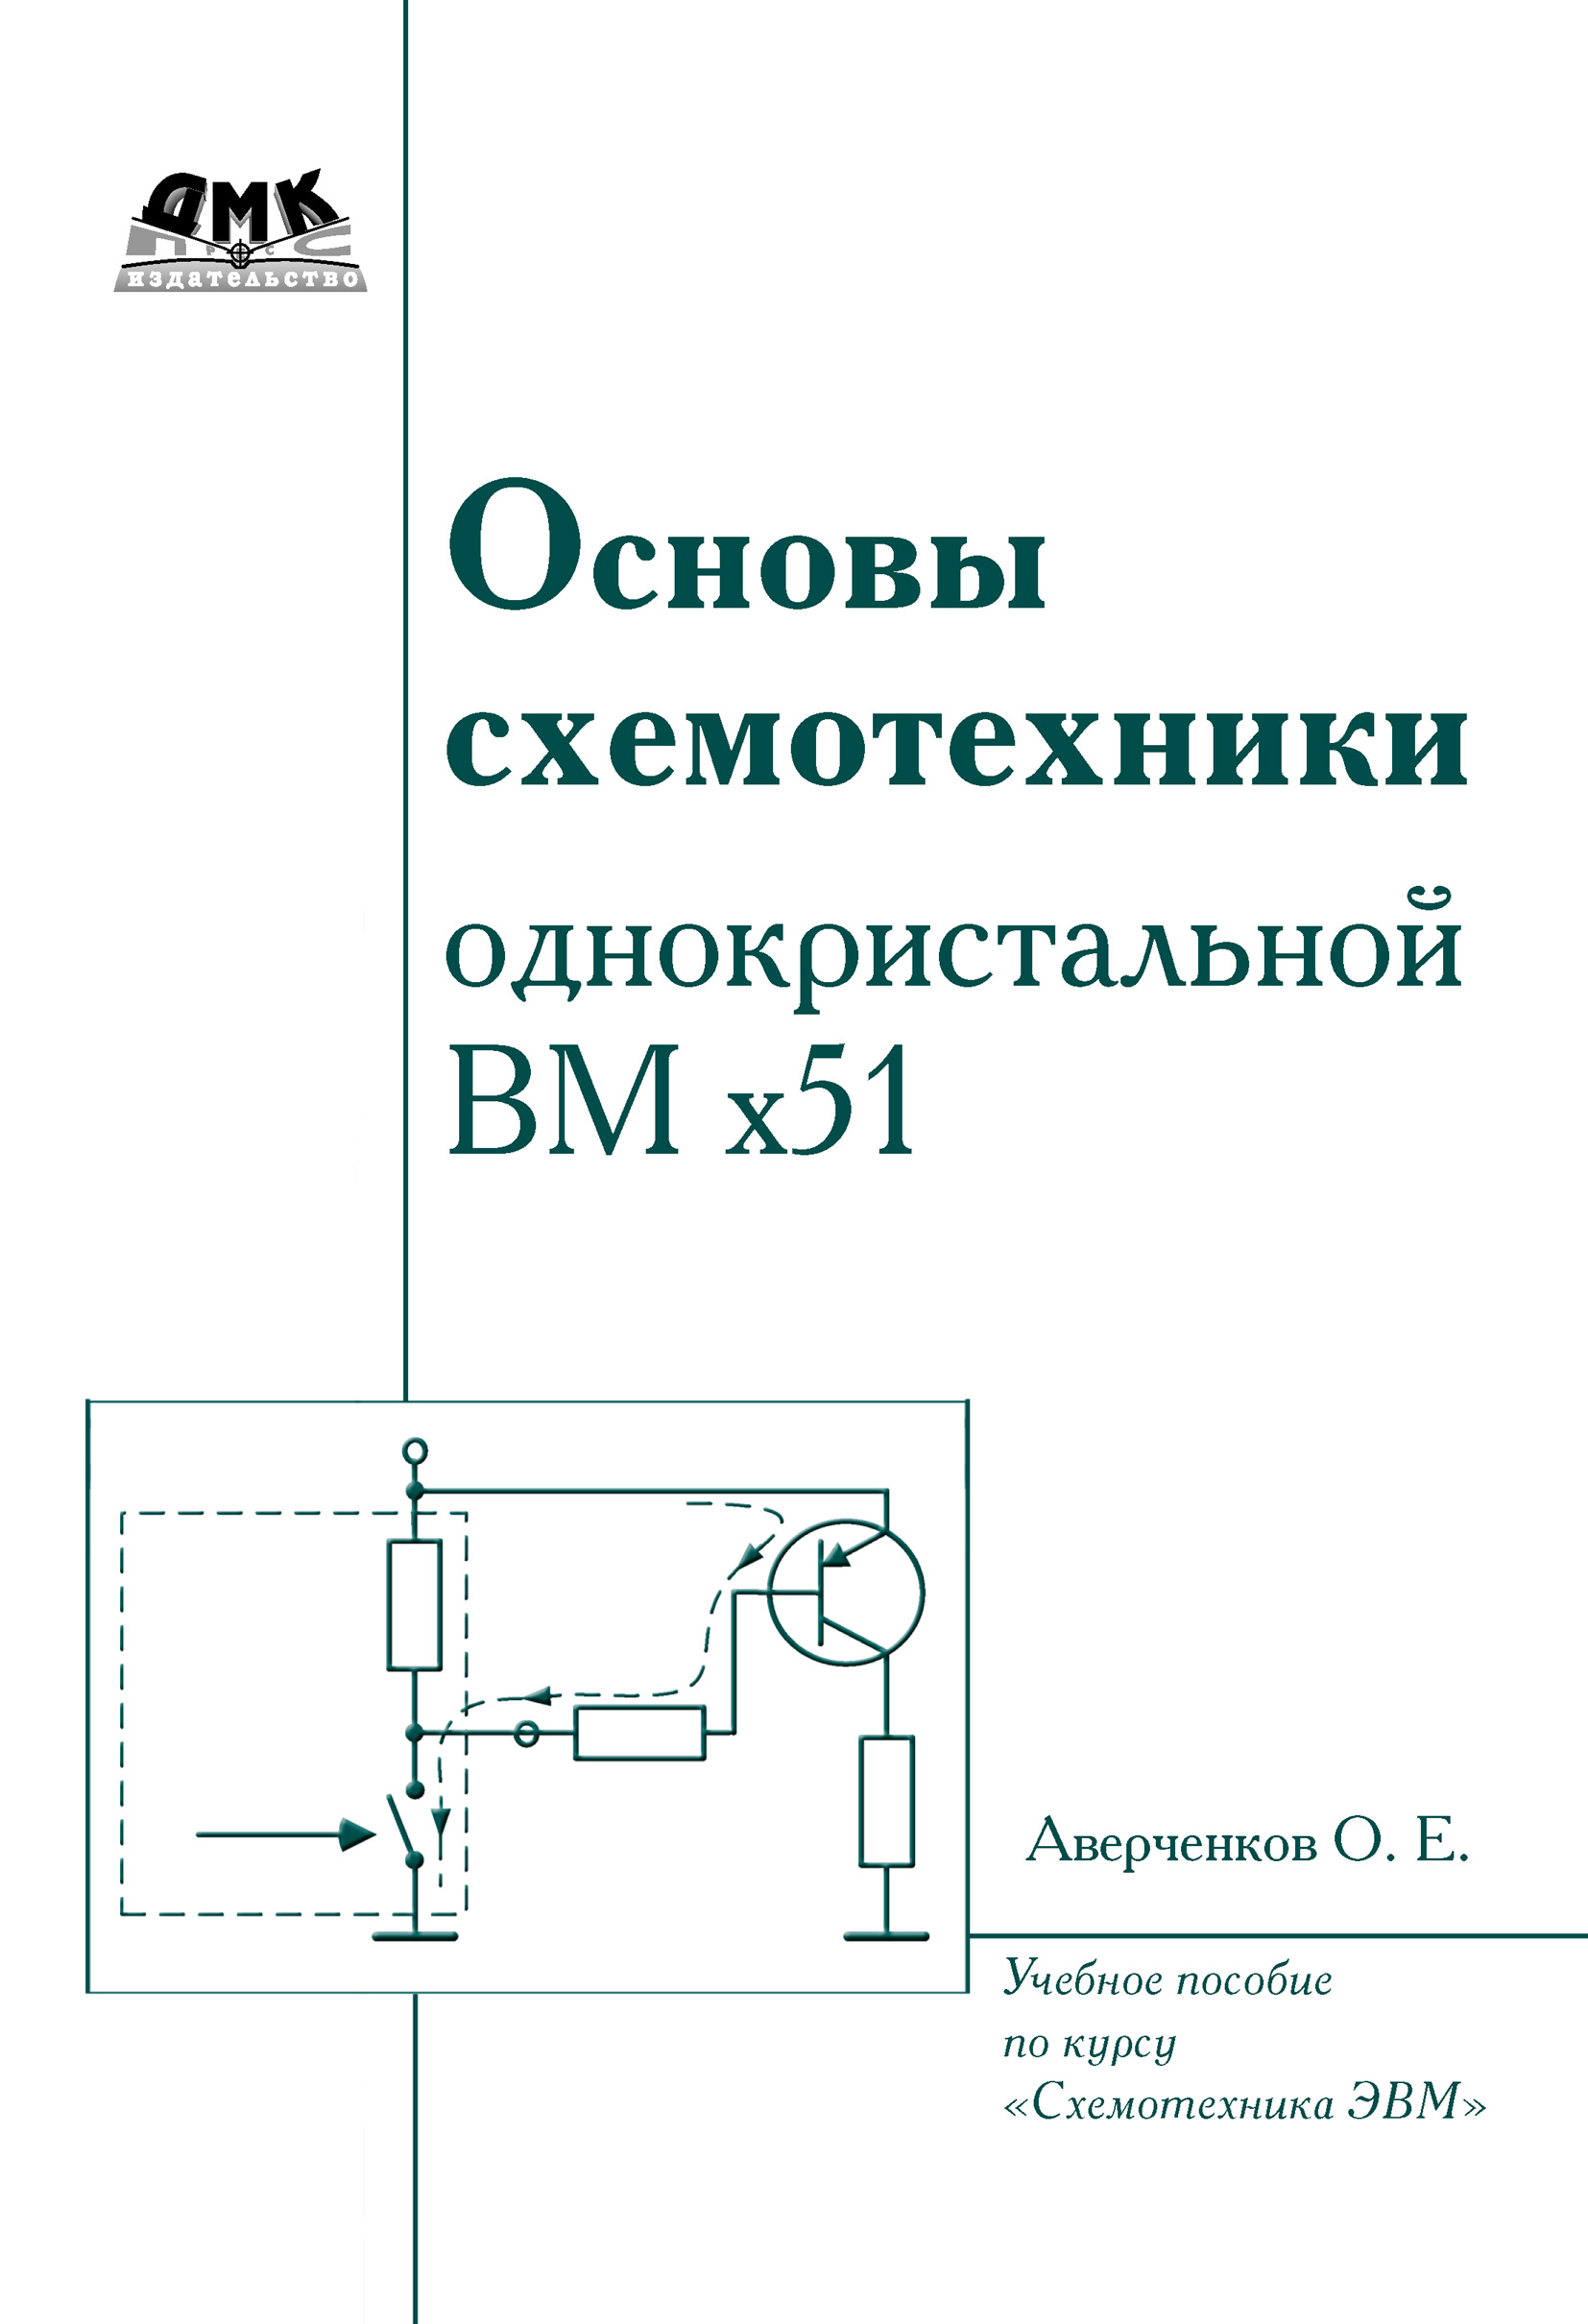 О. Е. Аверченков Основы схемотехники однокристалльной ВМ x51 о е аверченков основы схемотехники однокристалльной вм x51 page 3